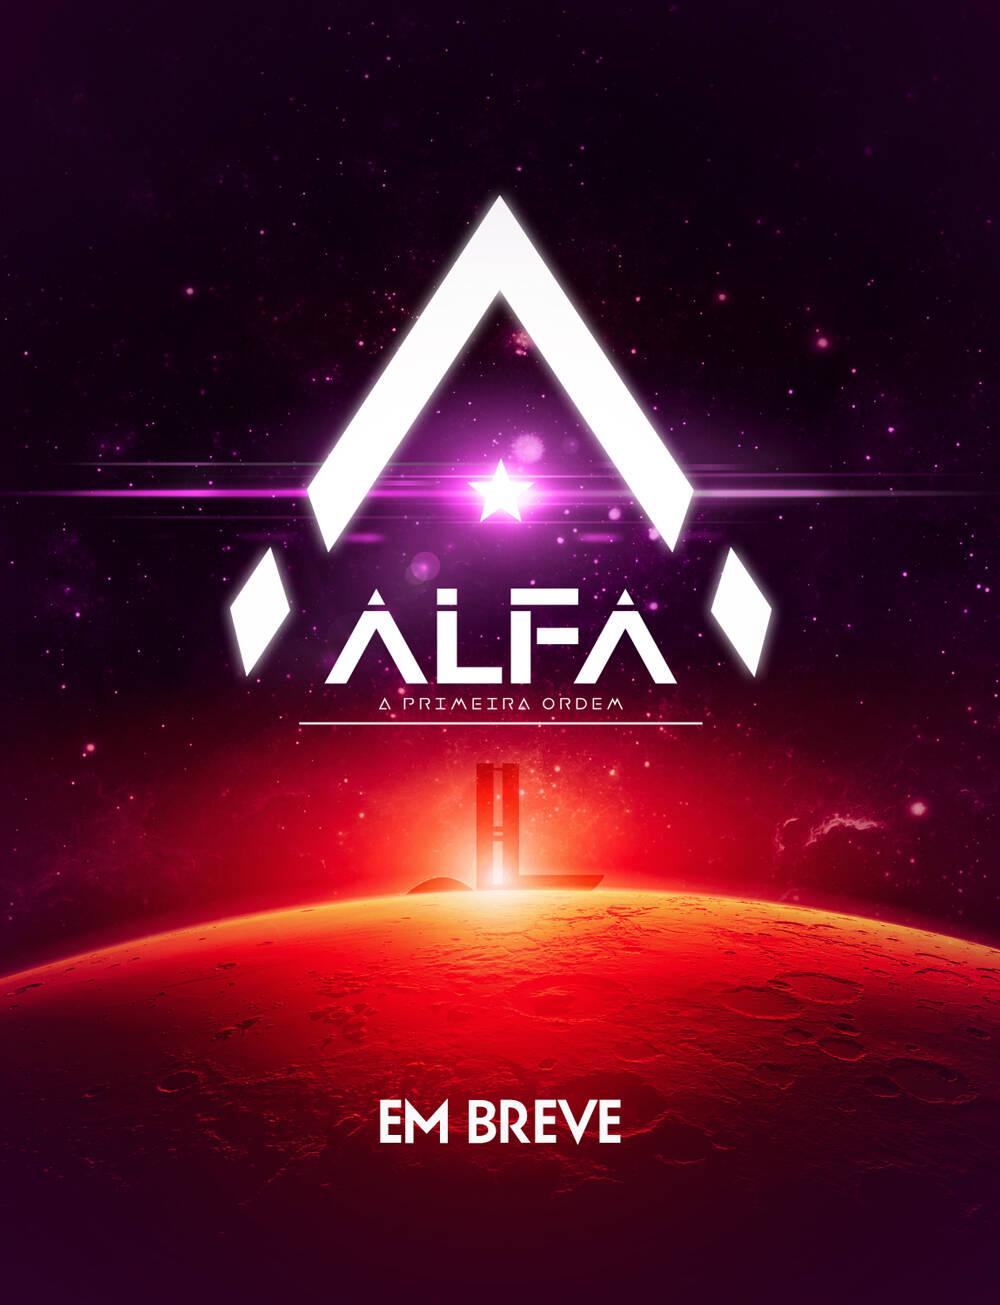 ALFA - A Primeira Ordem: Parte 2. Foto: Divulgação